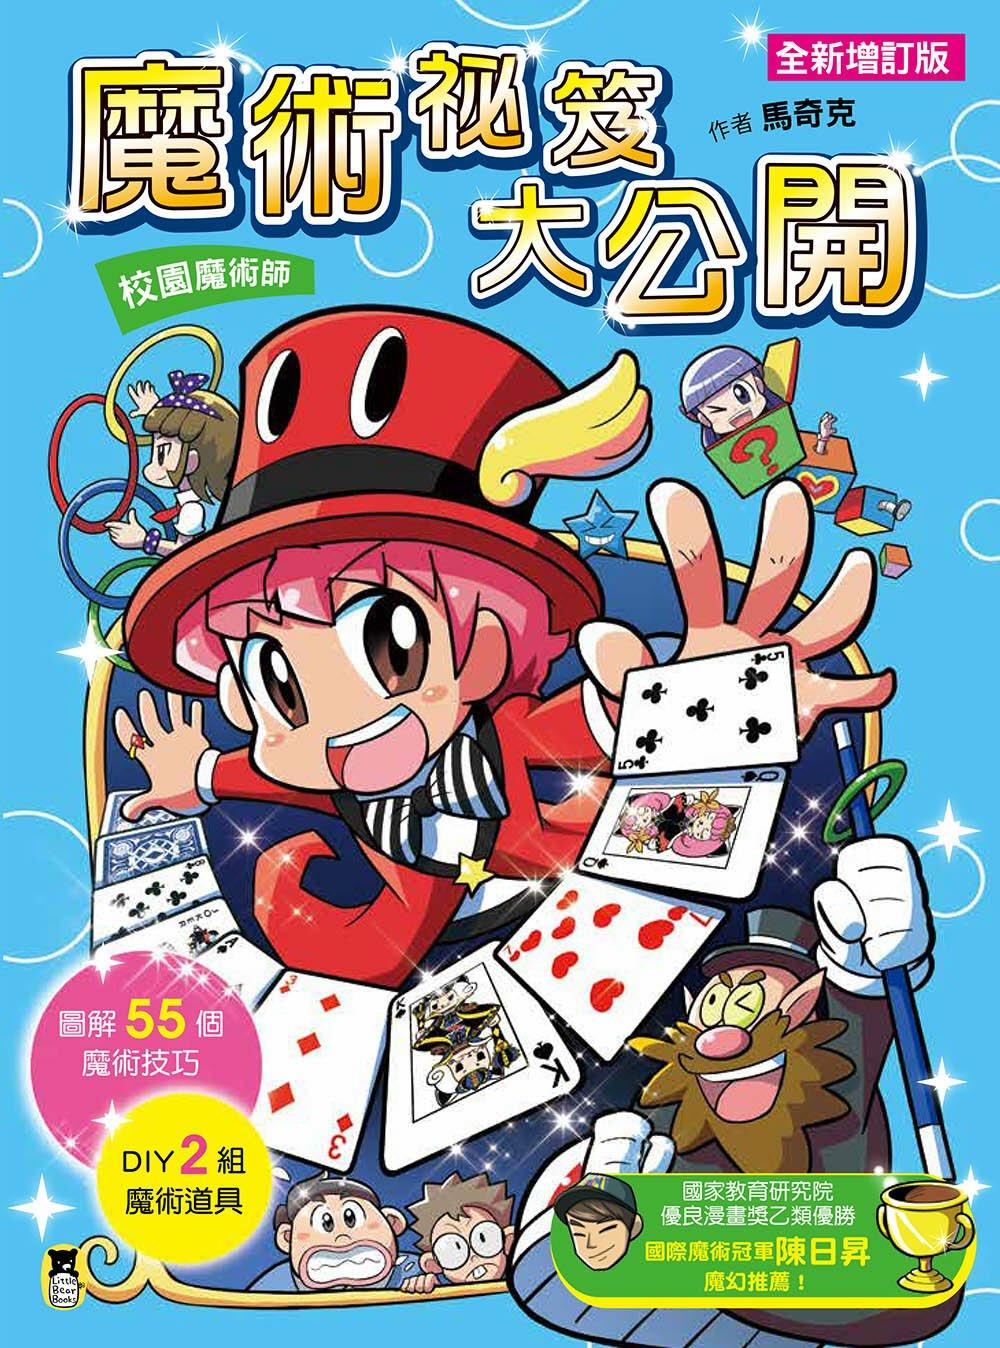 校園魔術師:魔術祕笈大公開(全新增訂版)